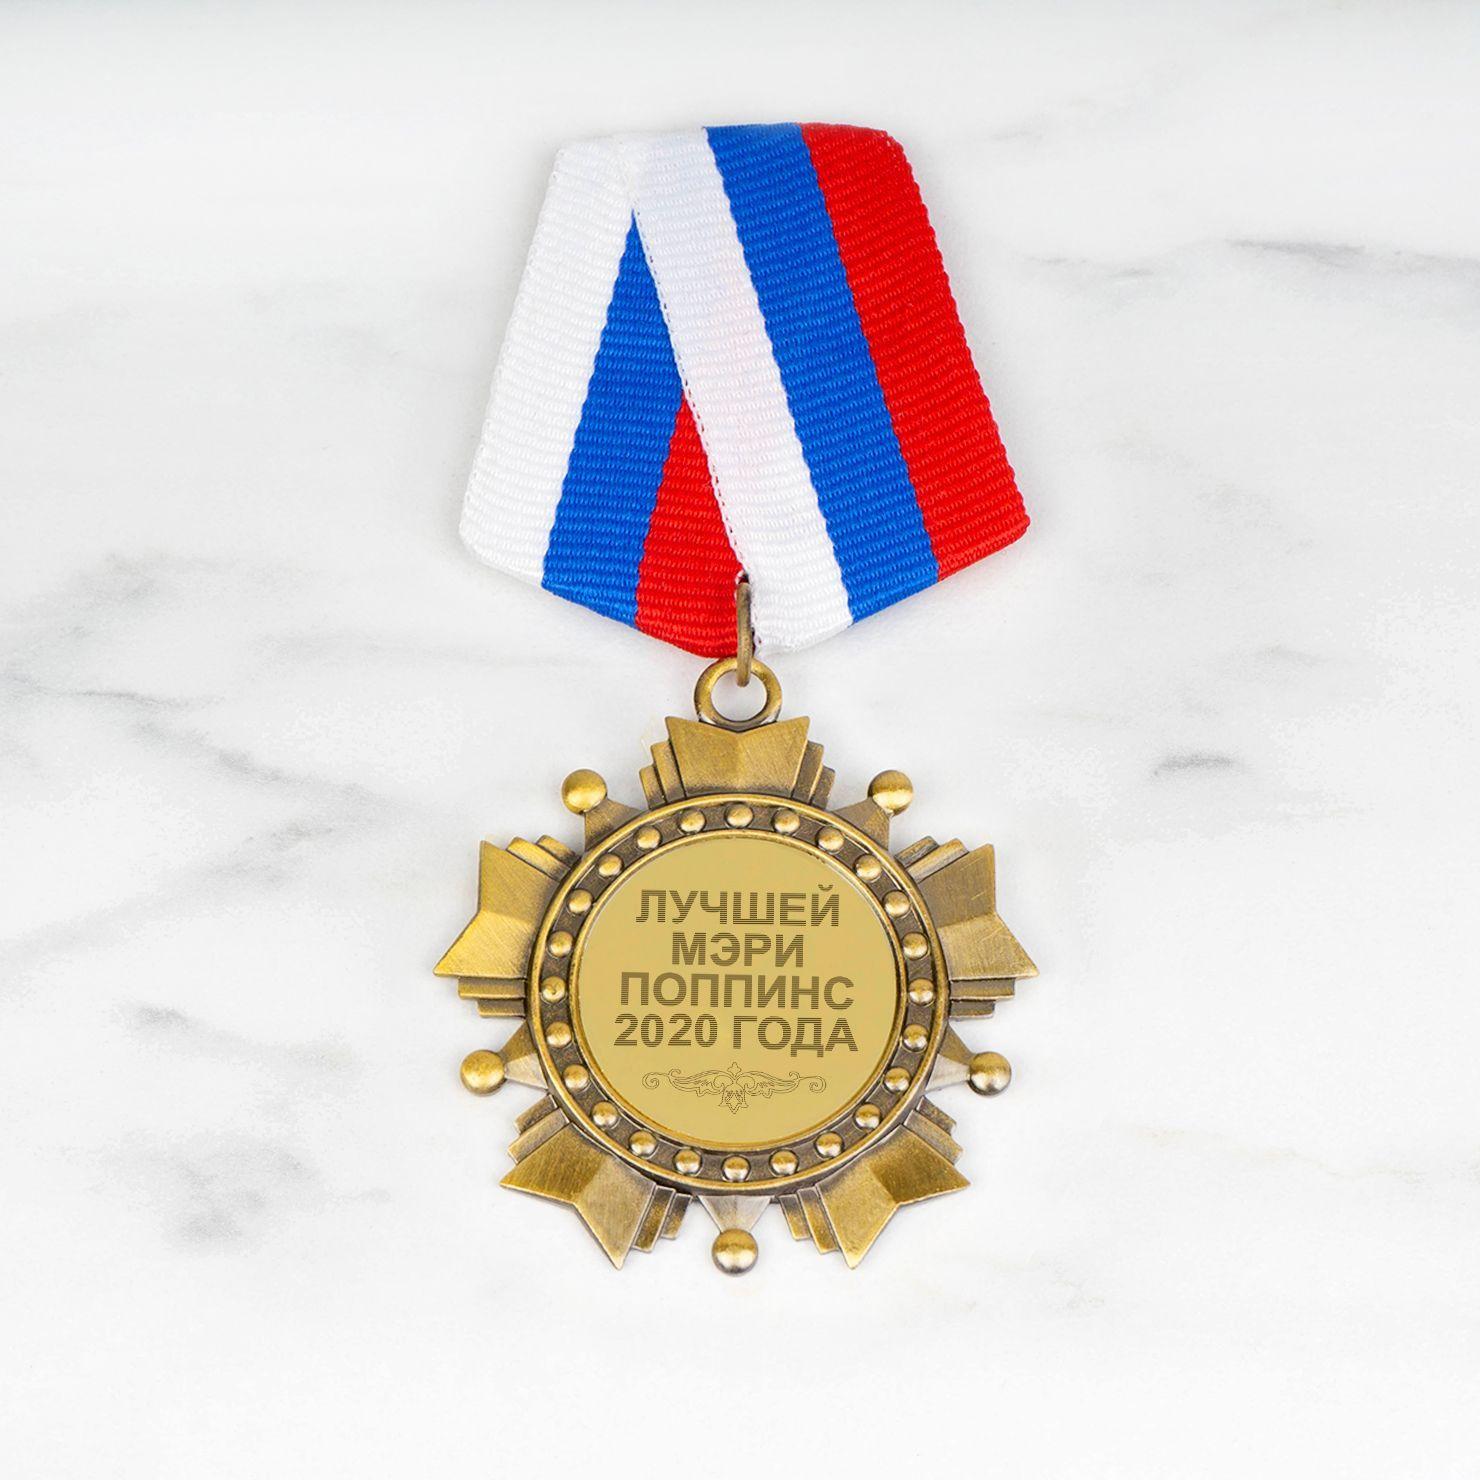 Орден *Лучшей Мэри Поппинс 2020 года*